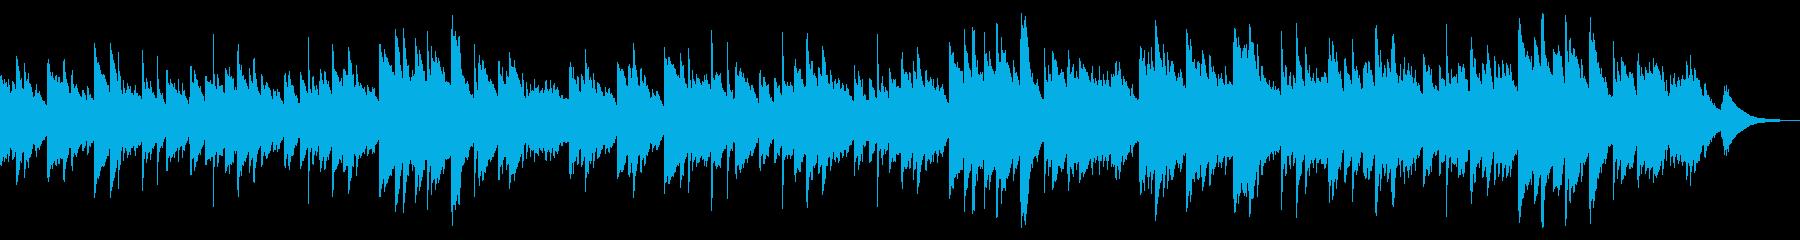 『きよしこの夜』を癒しのチェレスタでの再生済みの波形